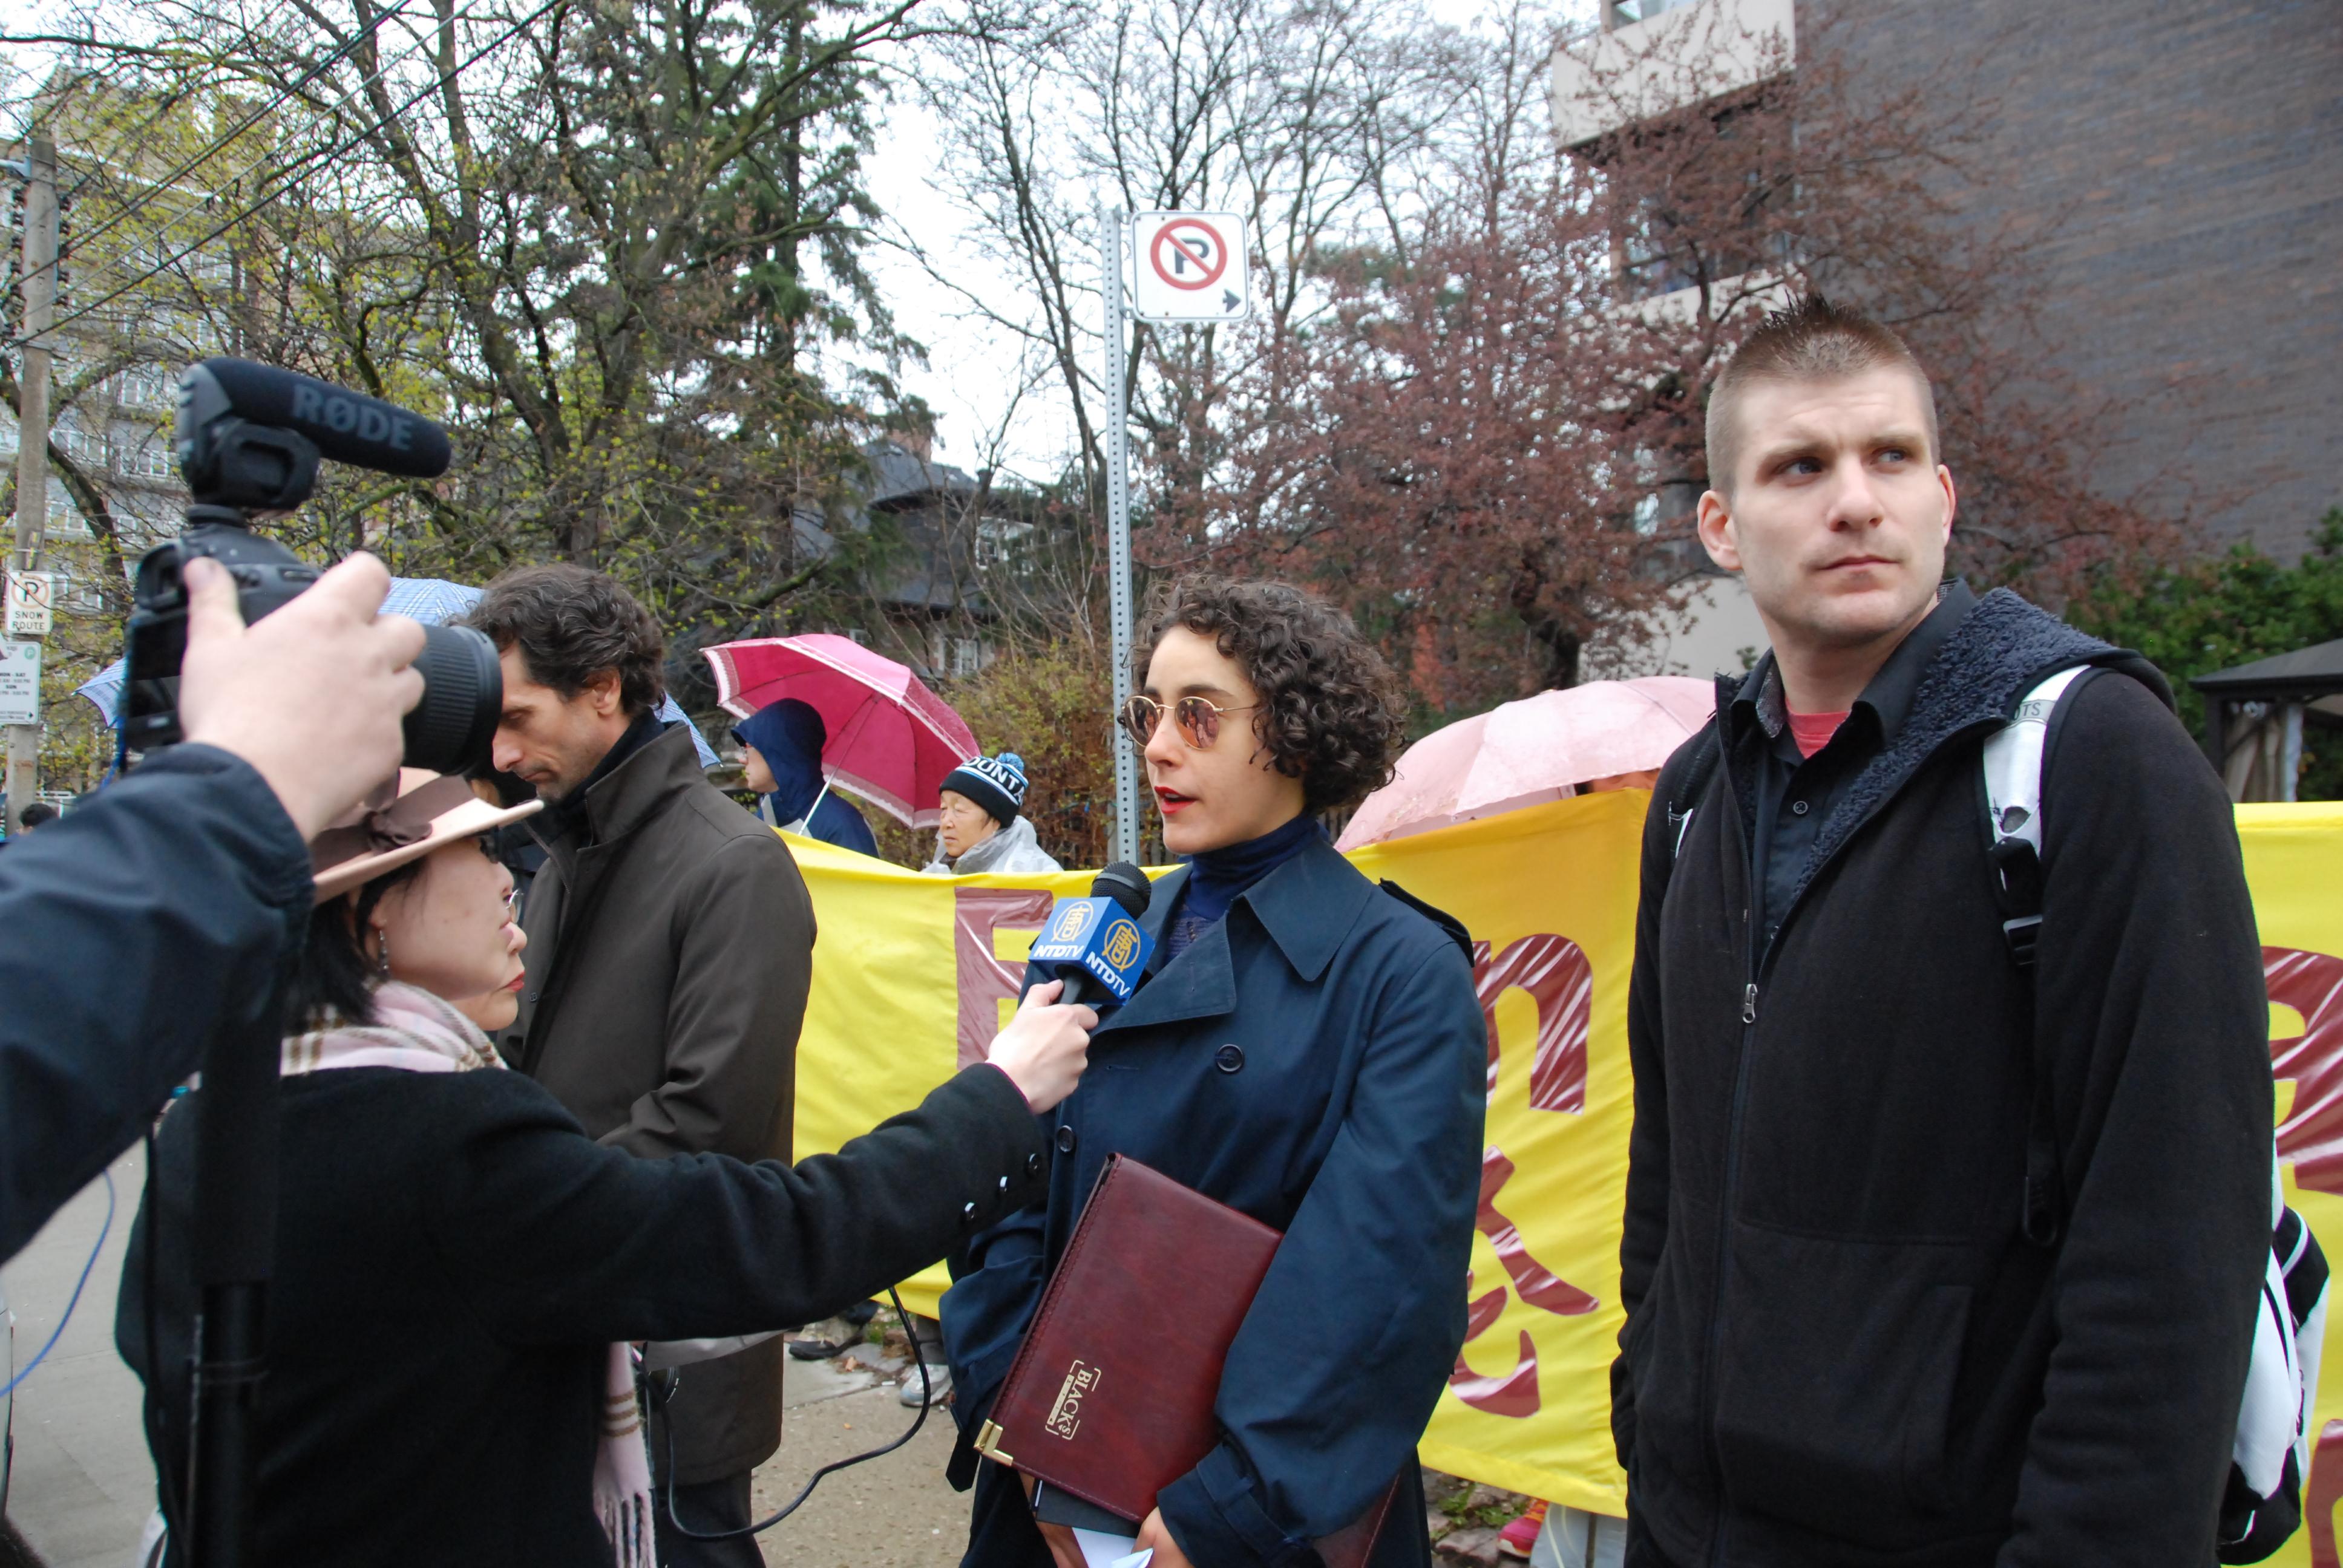 意大利的留學生Lavra Lombariso(中) 和她的同學(右)了解真相並接受採訪。(伊鈴/大紀元)